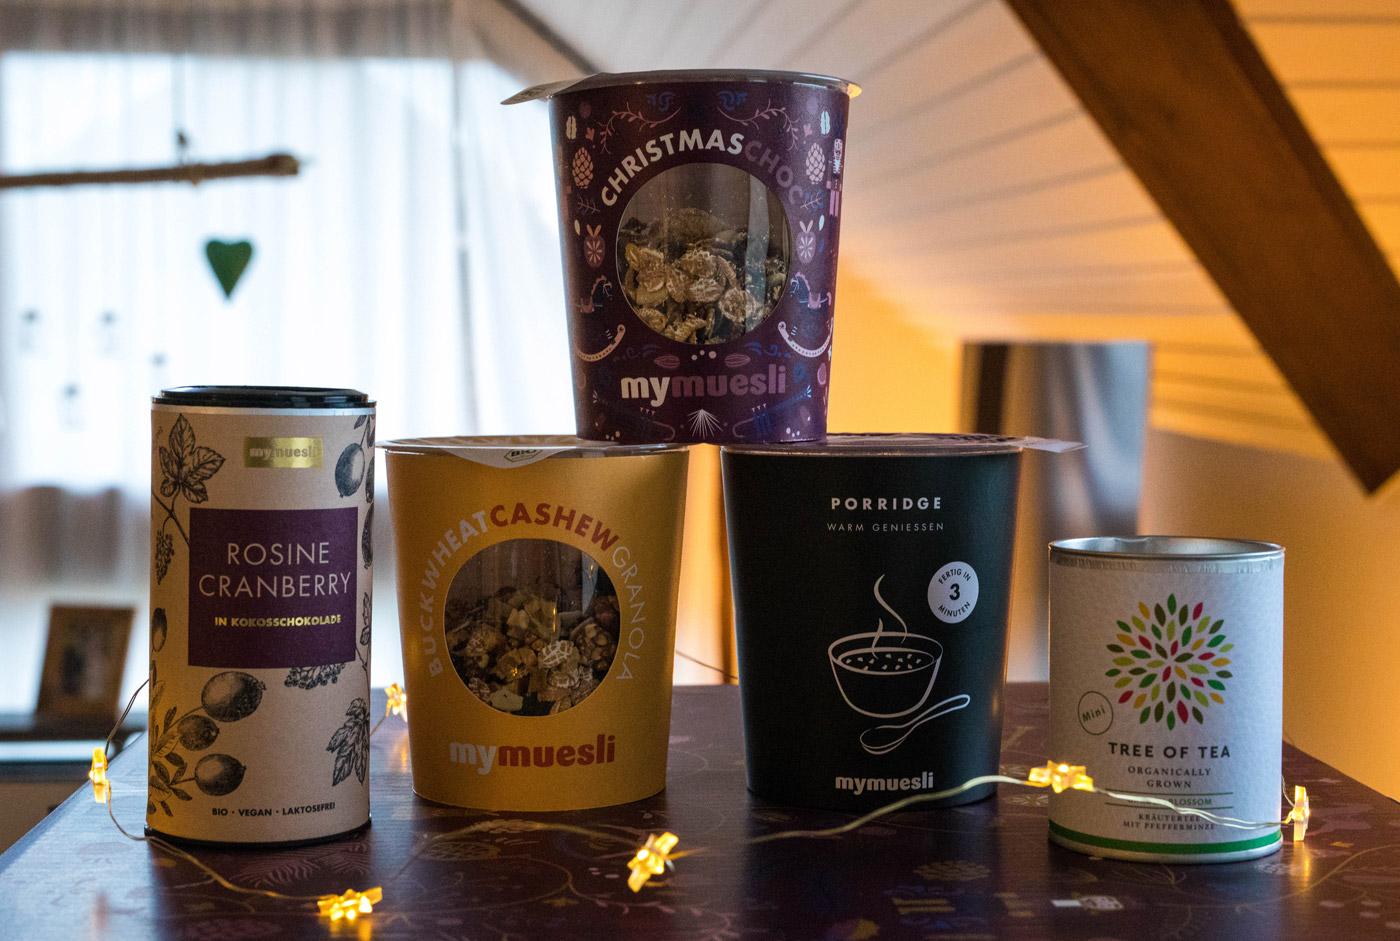 Müsli, Porrdige, Tee und Nüsse